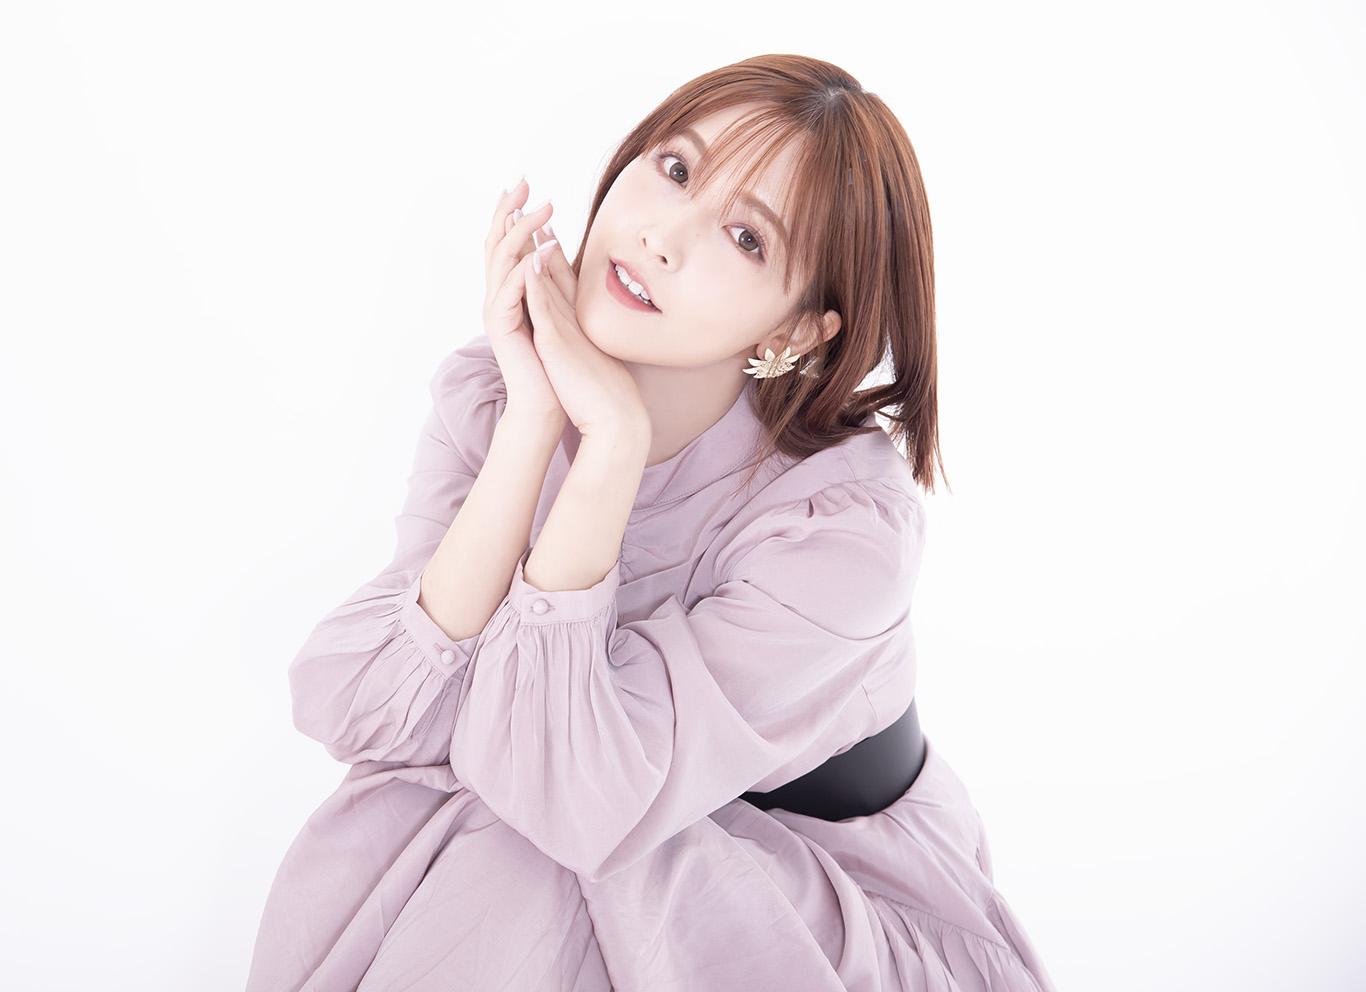 「苦労を経験したほうが人は強くなる」三上悠亜、アイドルからAV女優への転身を語る